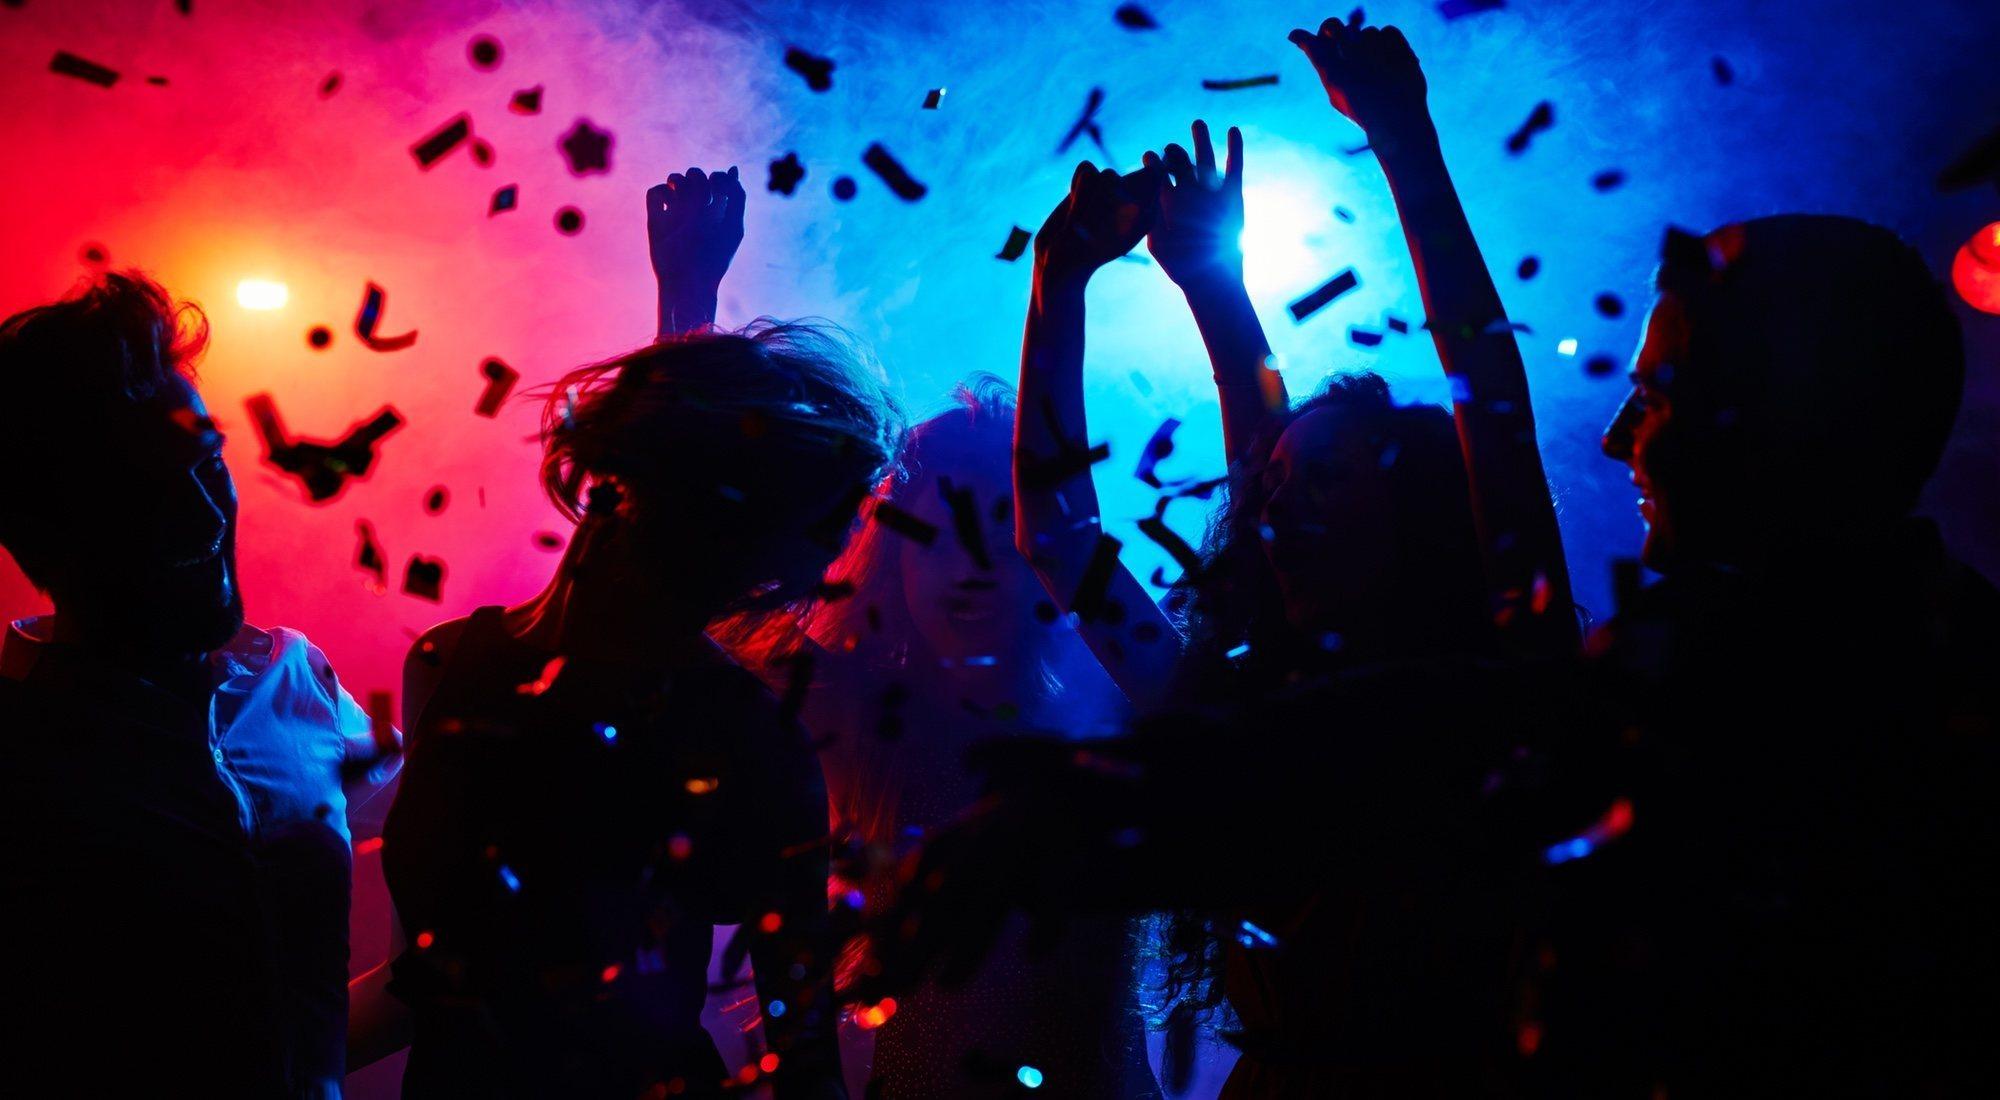 Sexismo en Las Vegas: así se cosifica a la mujer en las fiestas